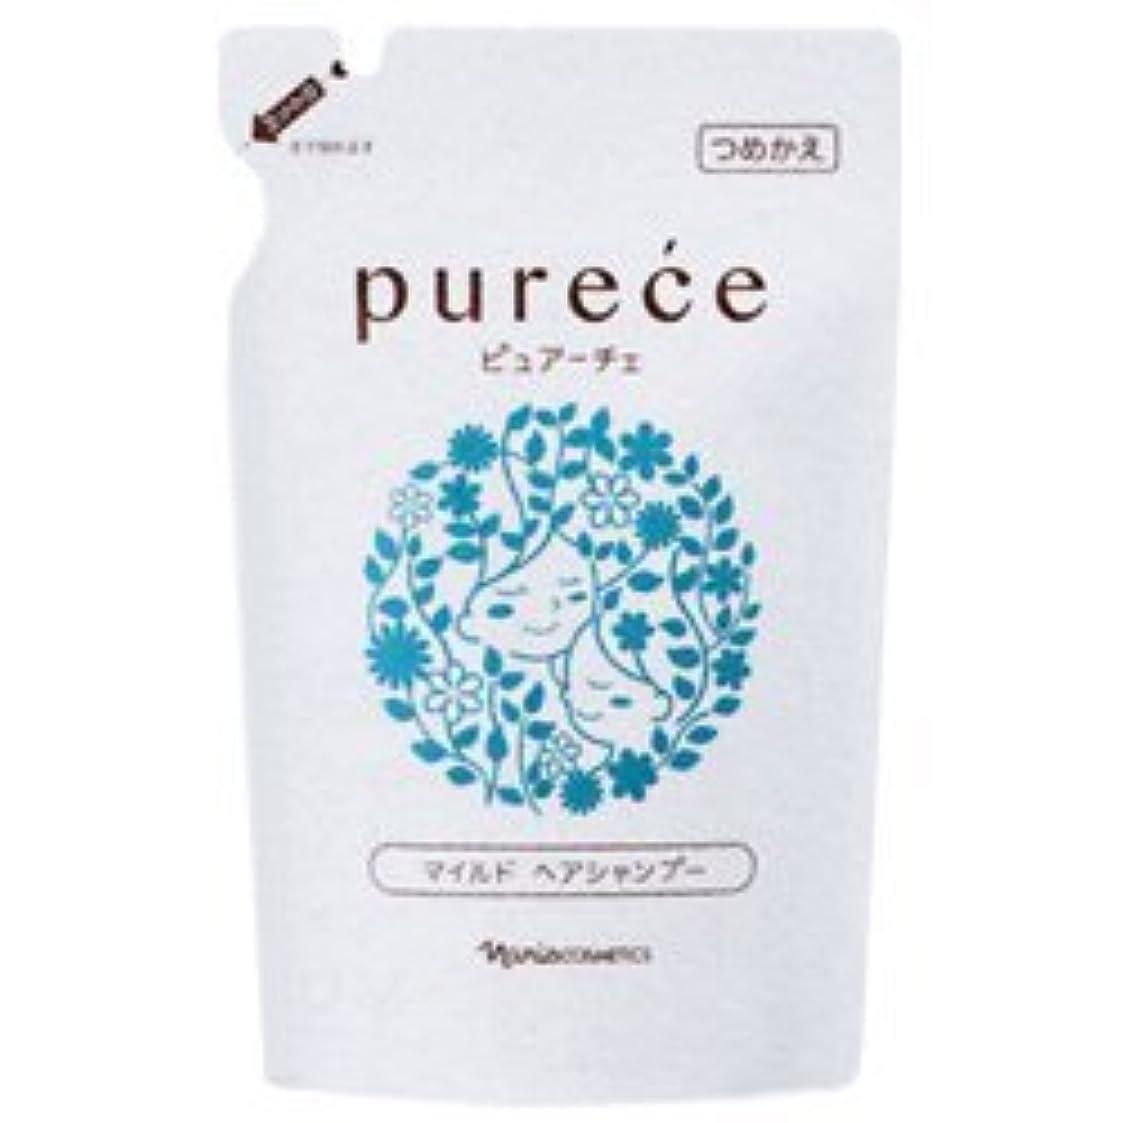 あらゆる種類のテスピアン職人ナリス化粧品 ピュアーチェ(PURECE) マイルドヘアシャンプーLS カエ 450ml [レフィル]